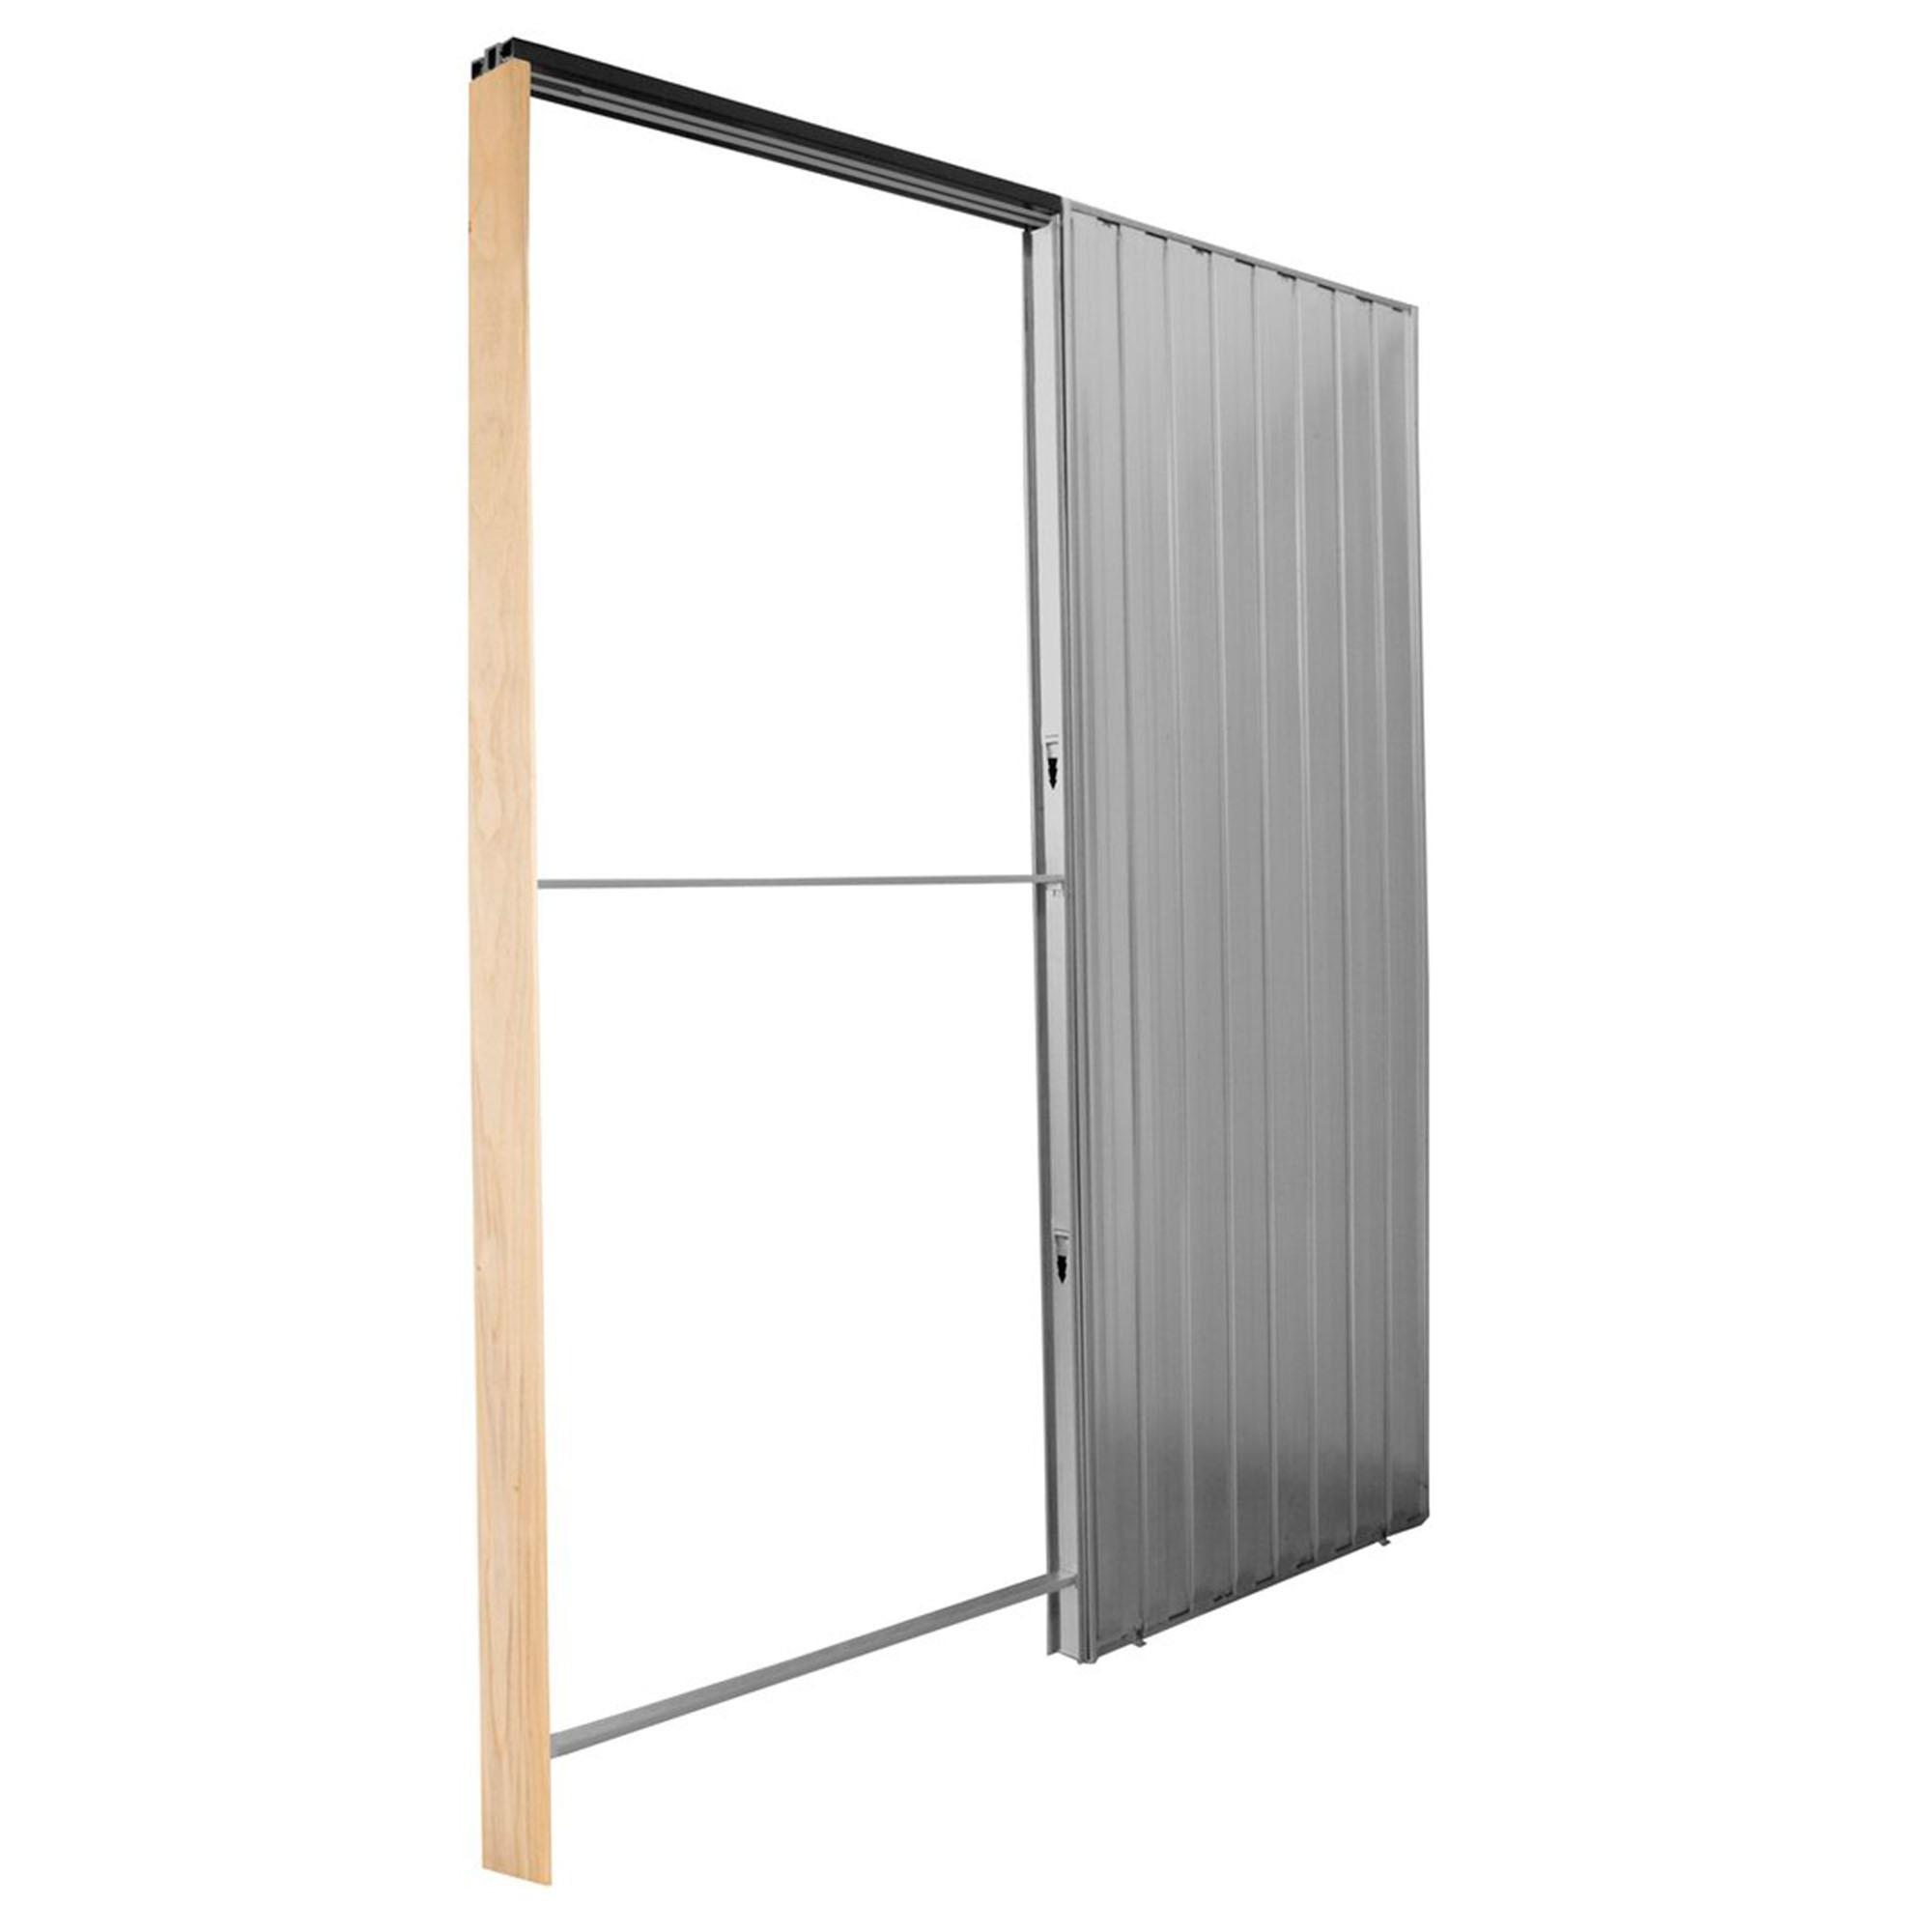 Precio armazon puerta corredera 22423 puertas ideas - Puertas correderas precios ...